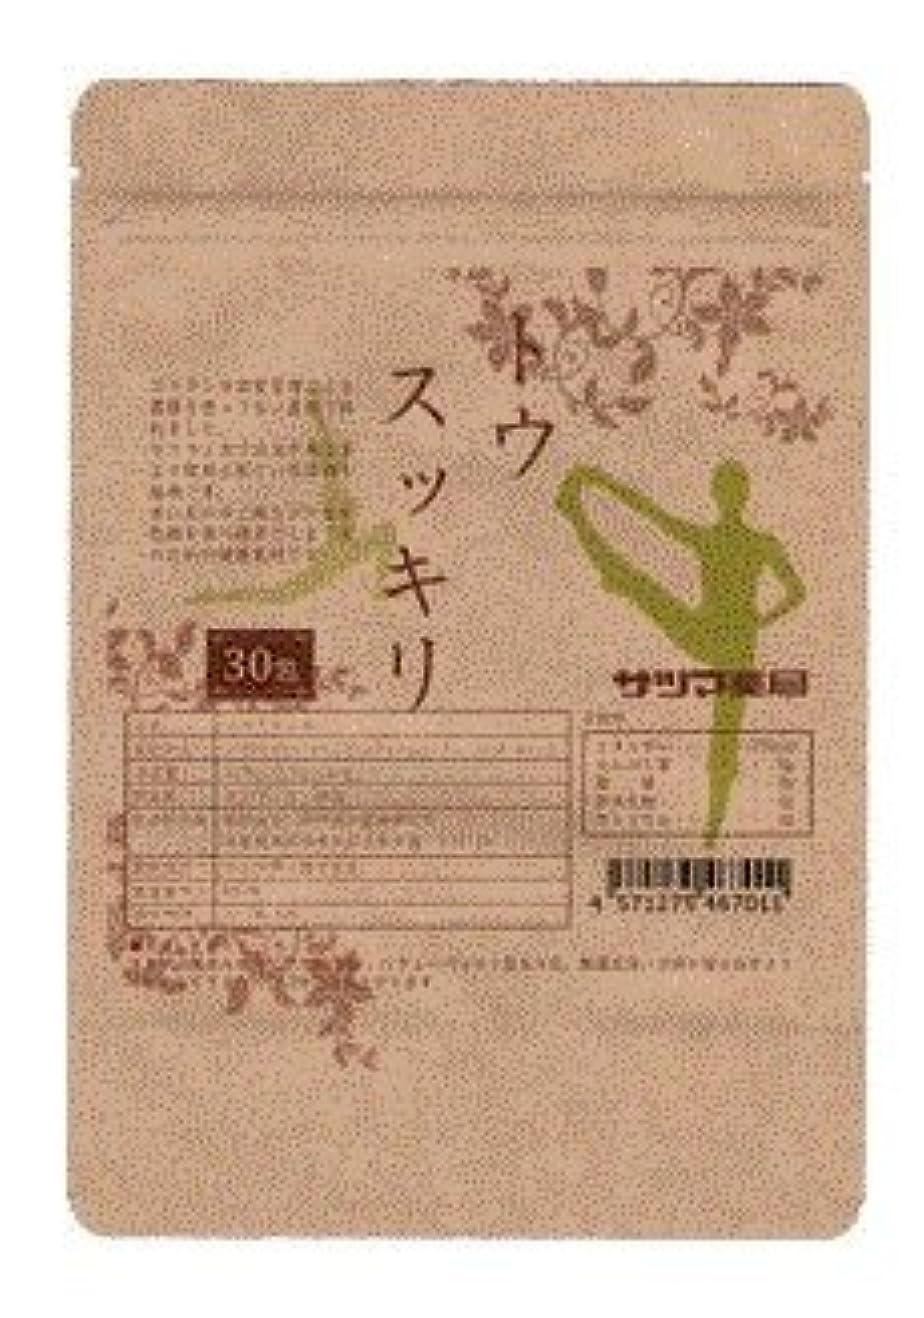 引き潮補助オーバーコートサツマ薬局 ダイエットティー トウスッキリ茶 60包(30包×2) ティーパック 高濃度コタラヒム茶 ほうじ茶